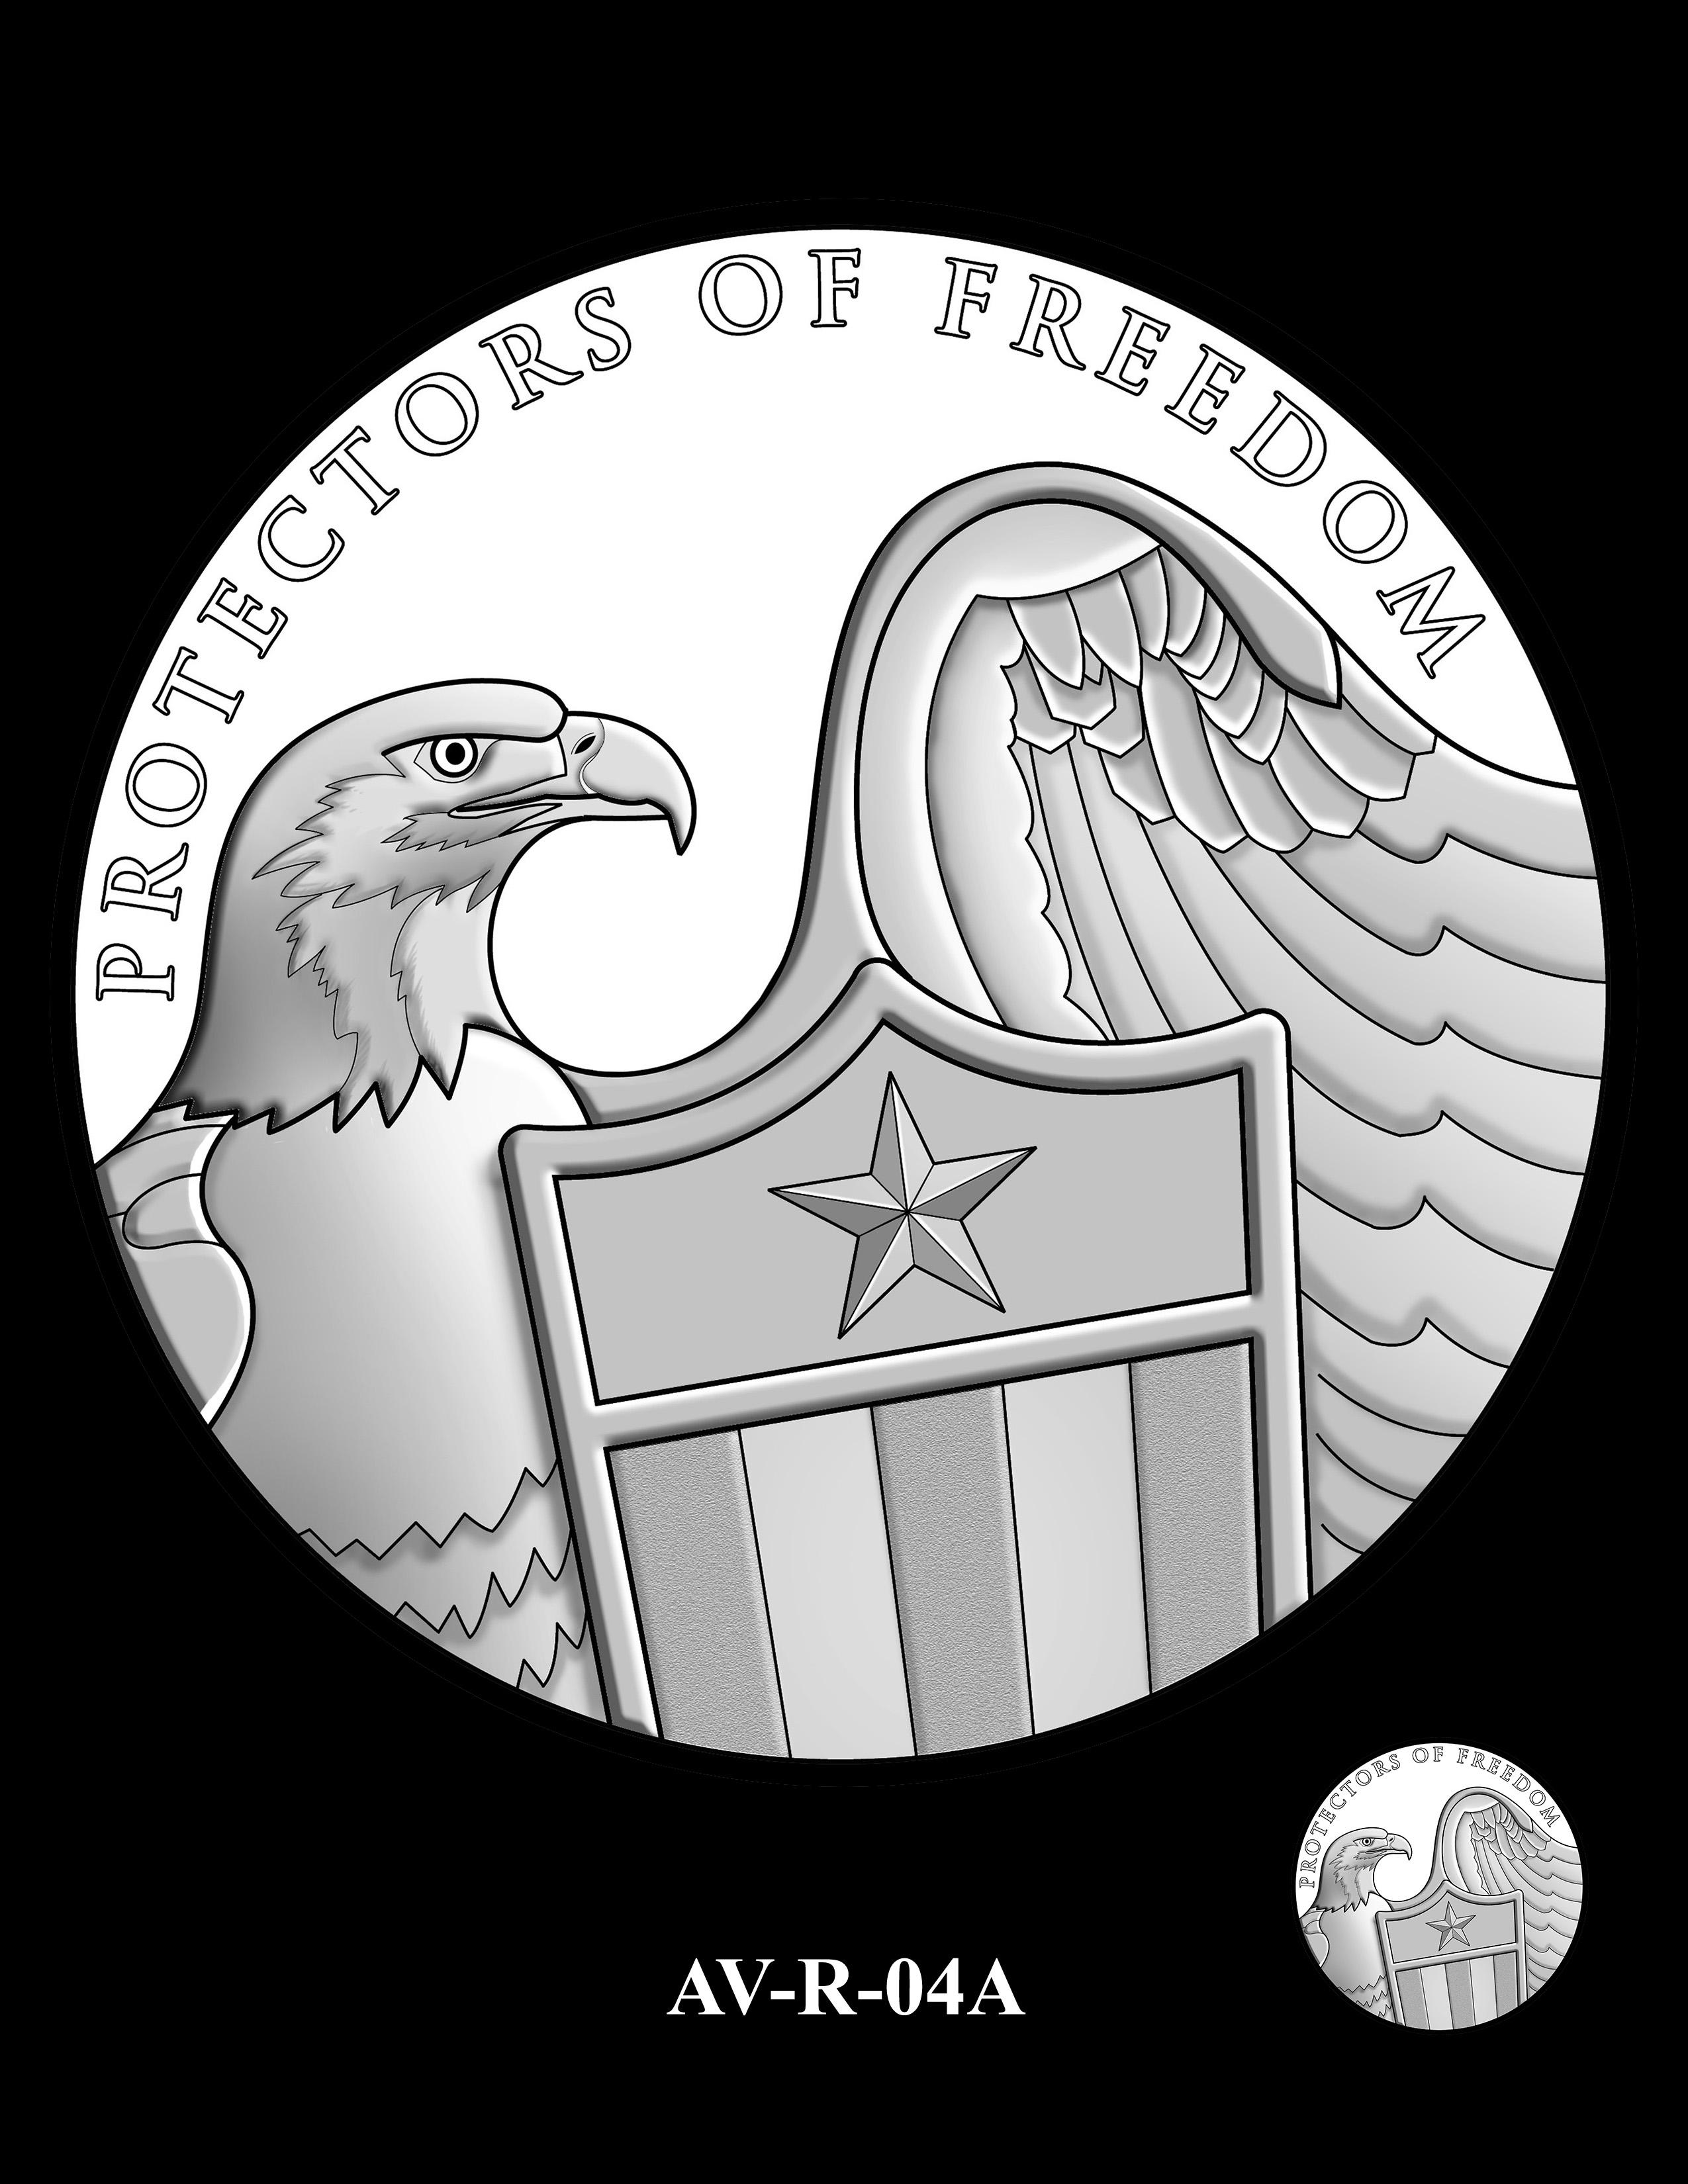 AV-R-04A - American Veterans Medal